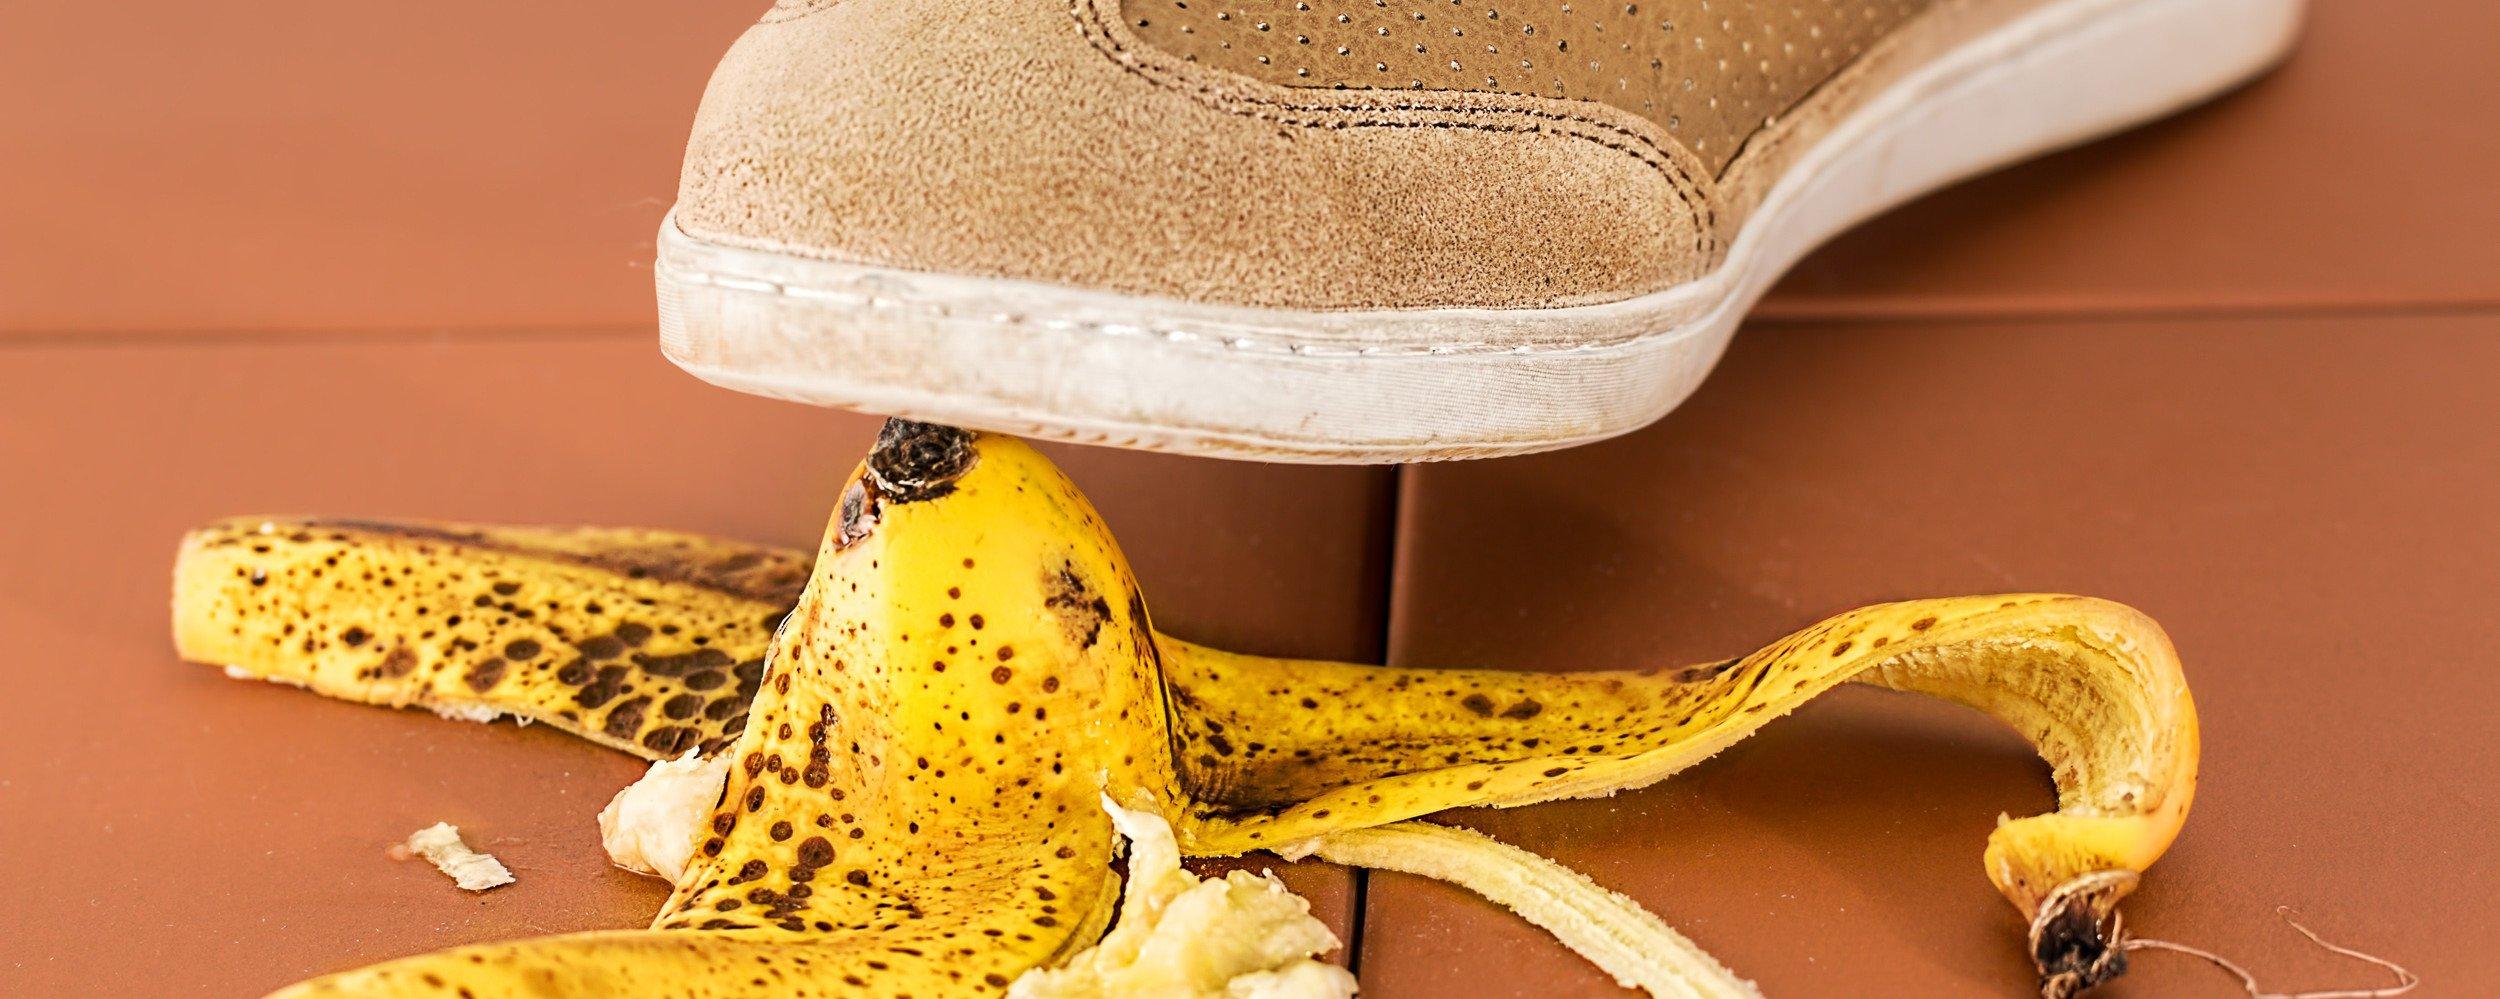 Unfall mit Bananenschale